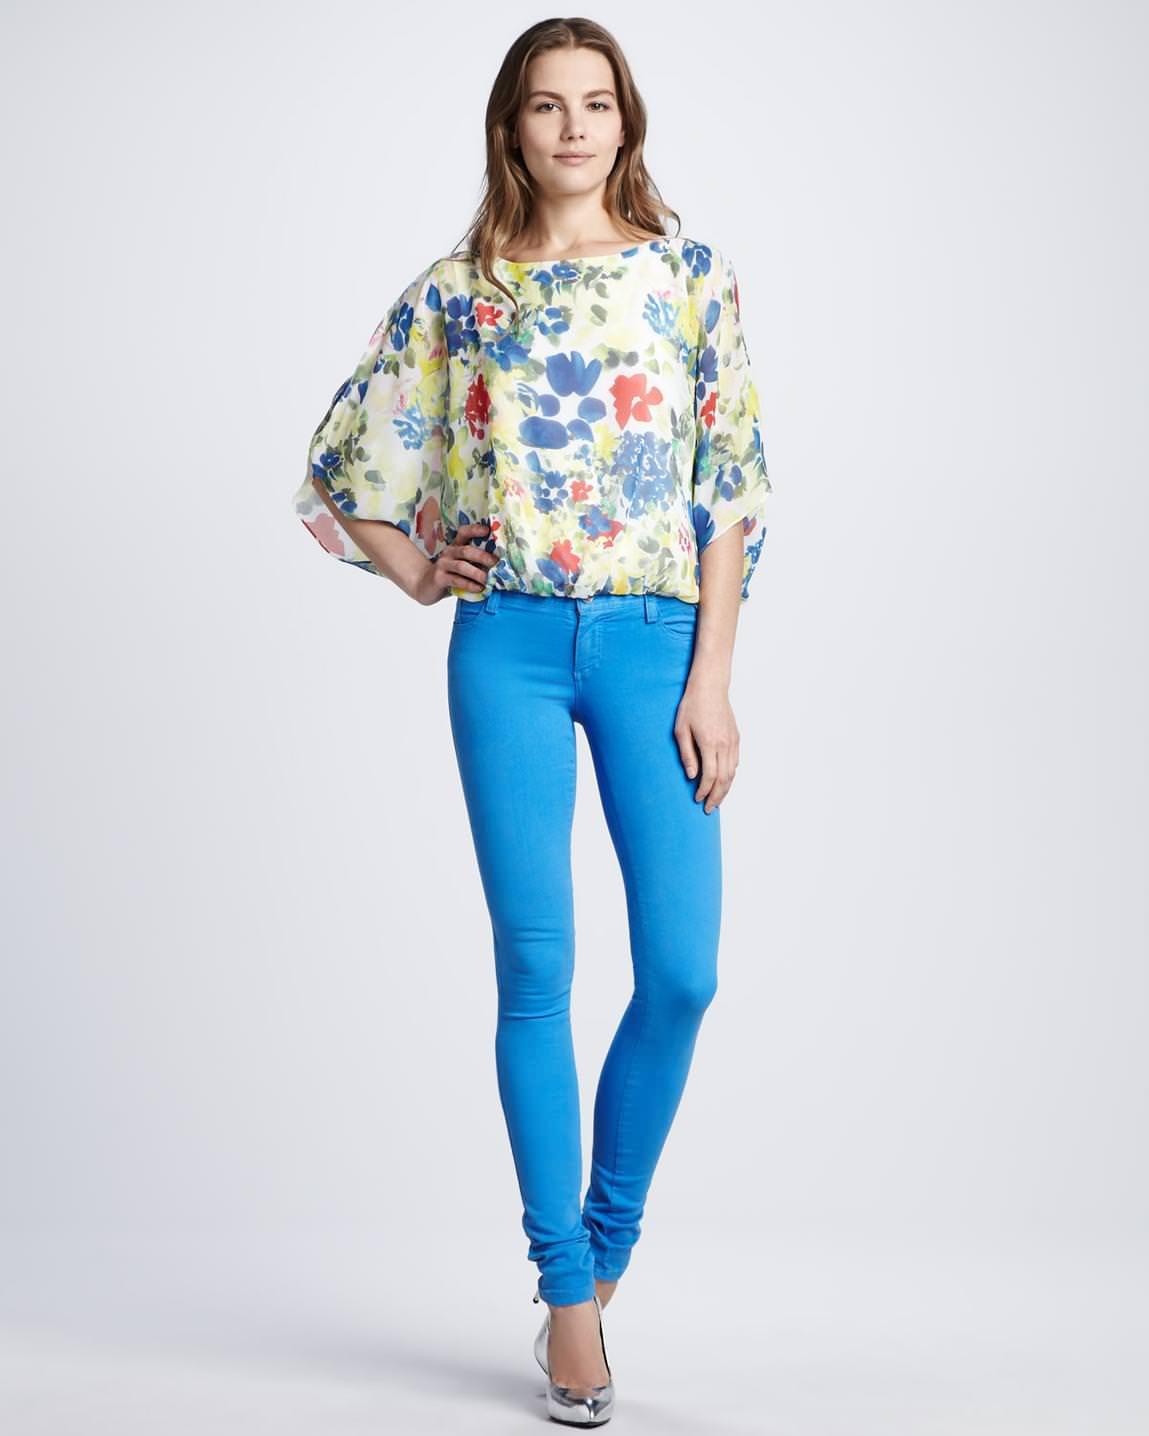 primary-petal-alice-olivia-velma-floral-print-top-five-pocket-skinny-jeans-screen